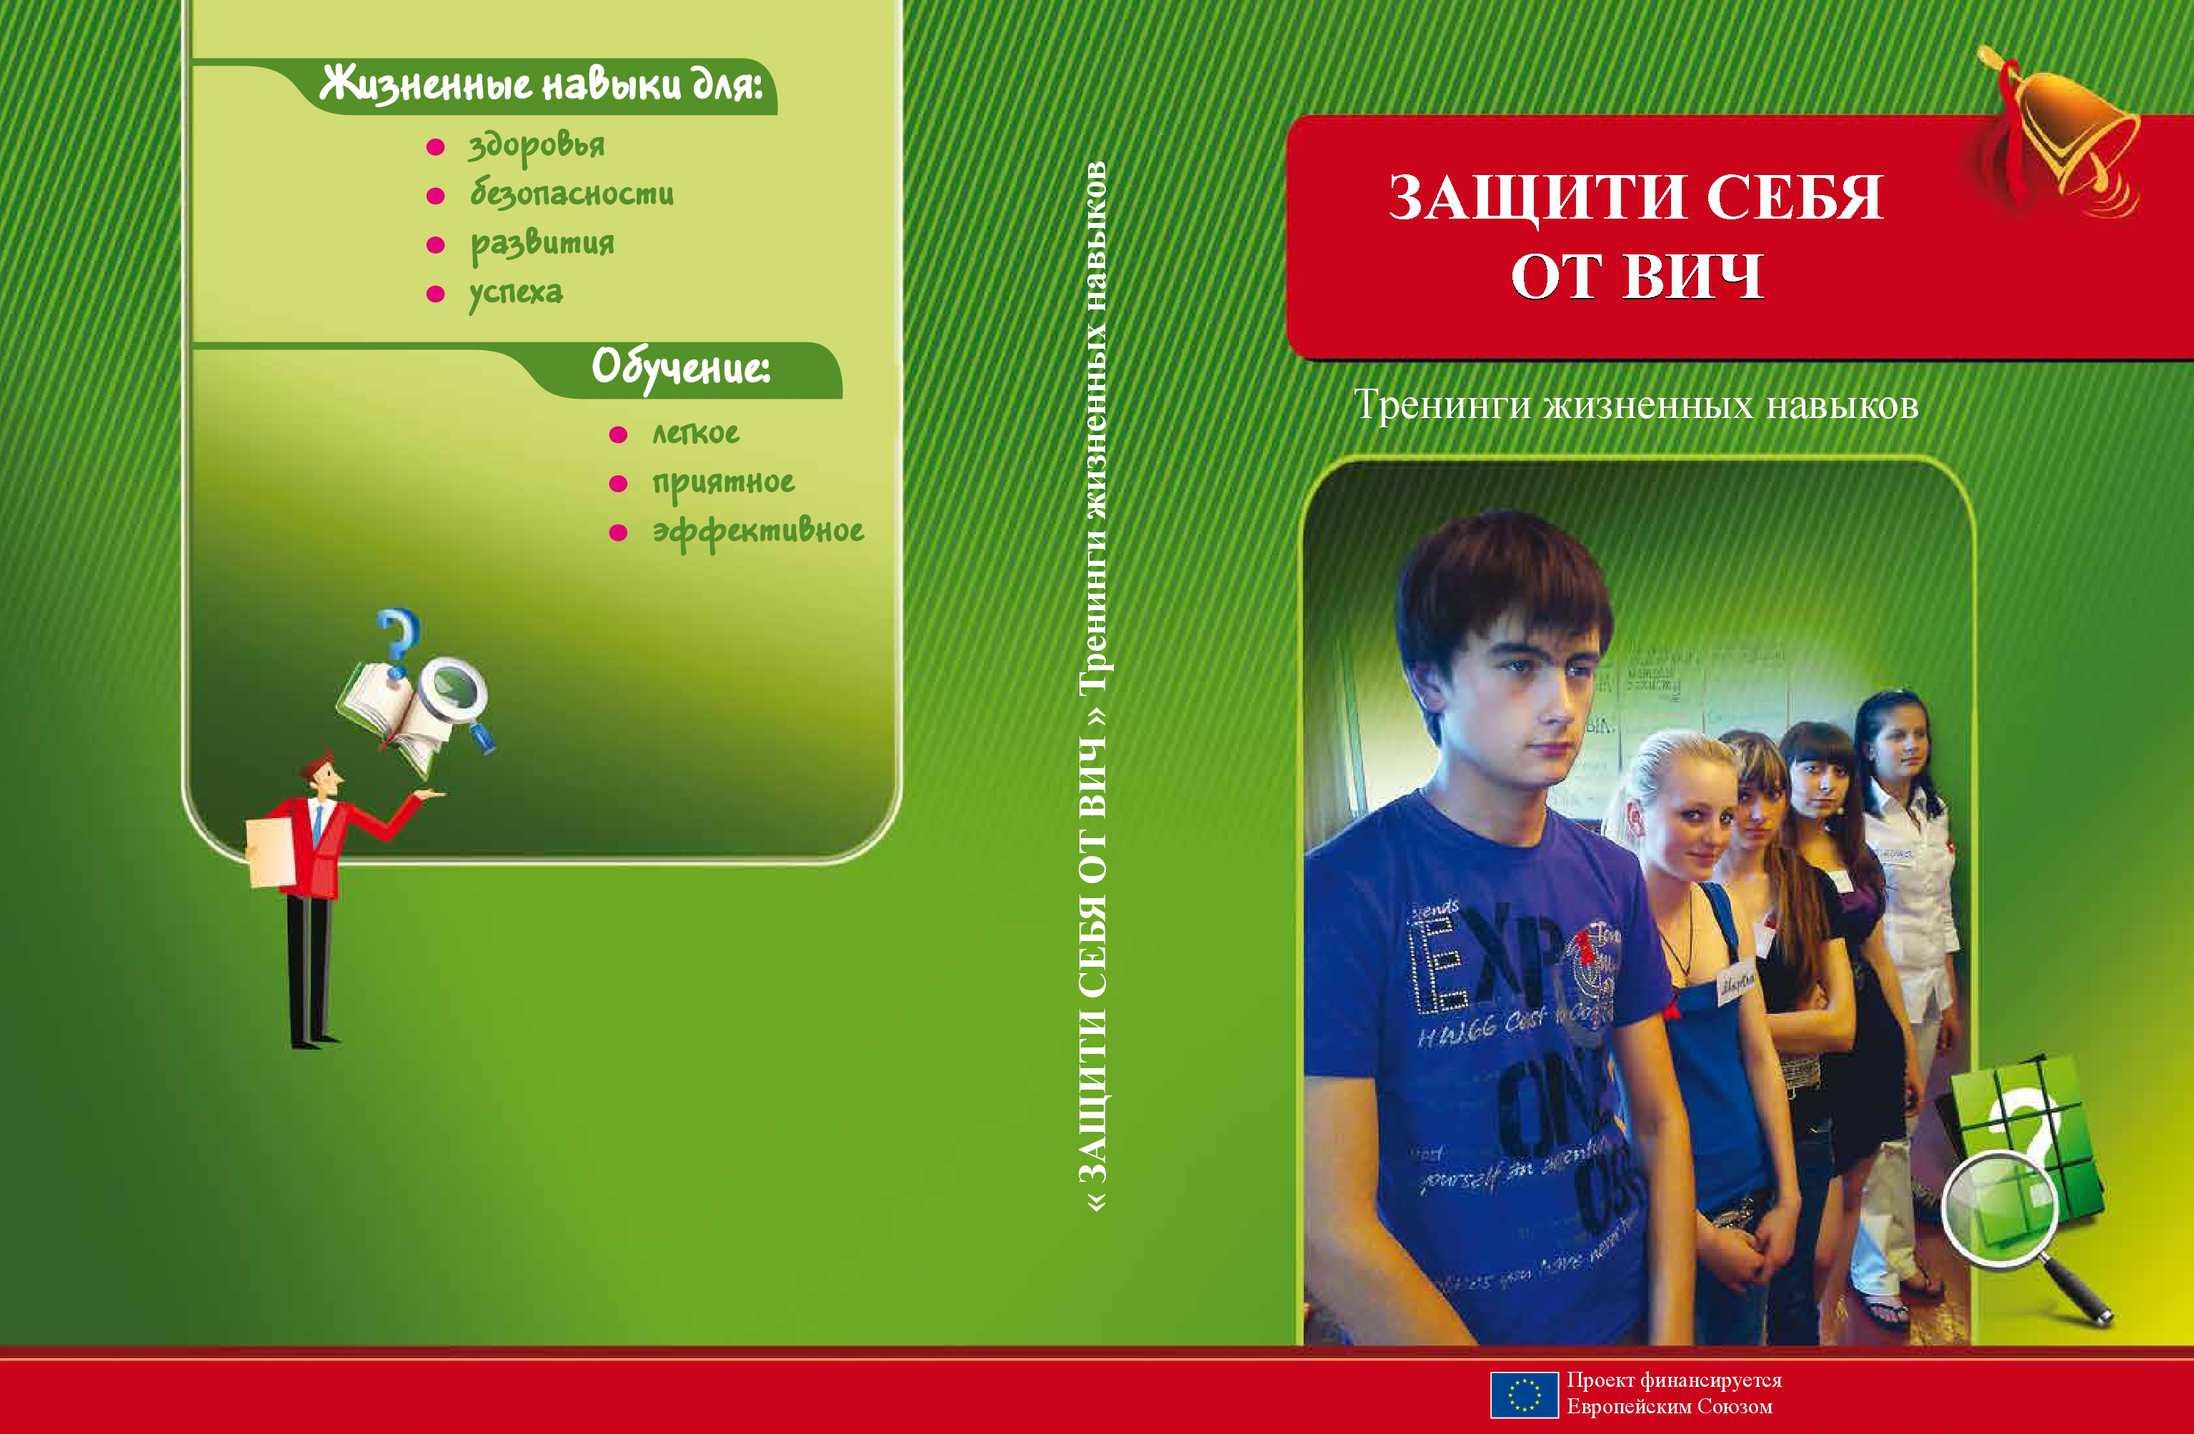 схема причины рискованного поведения подростков